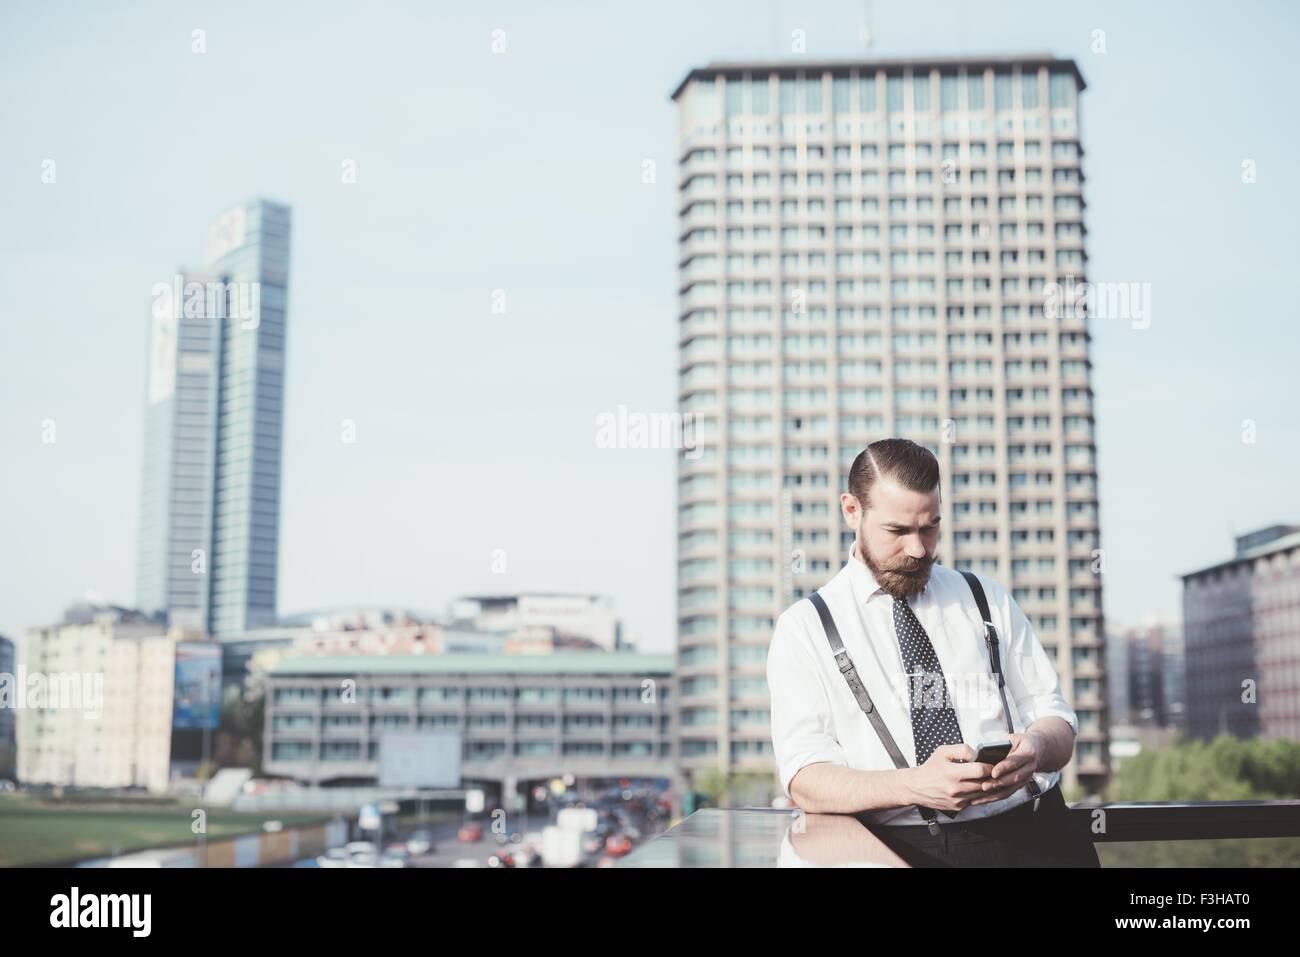 Imprenditore elegante smartphone lettura aggiornamento testo sul balcone di office Immagini Stock